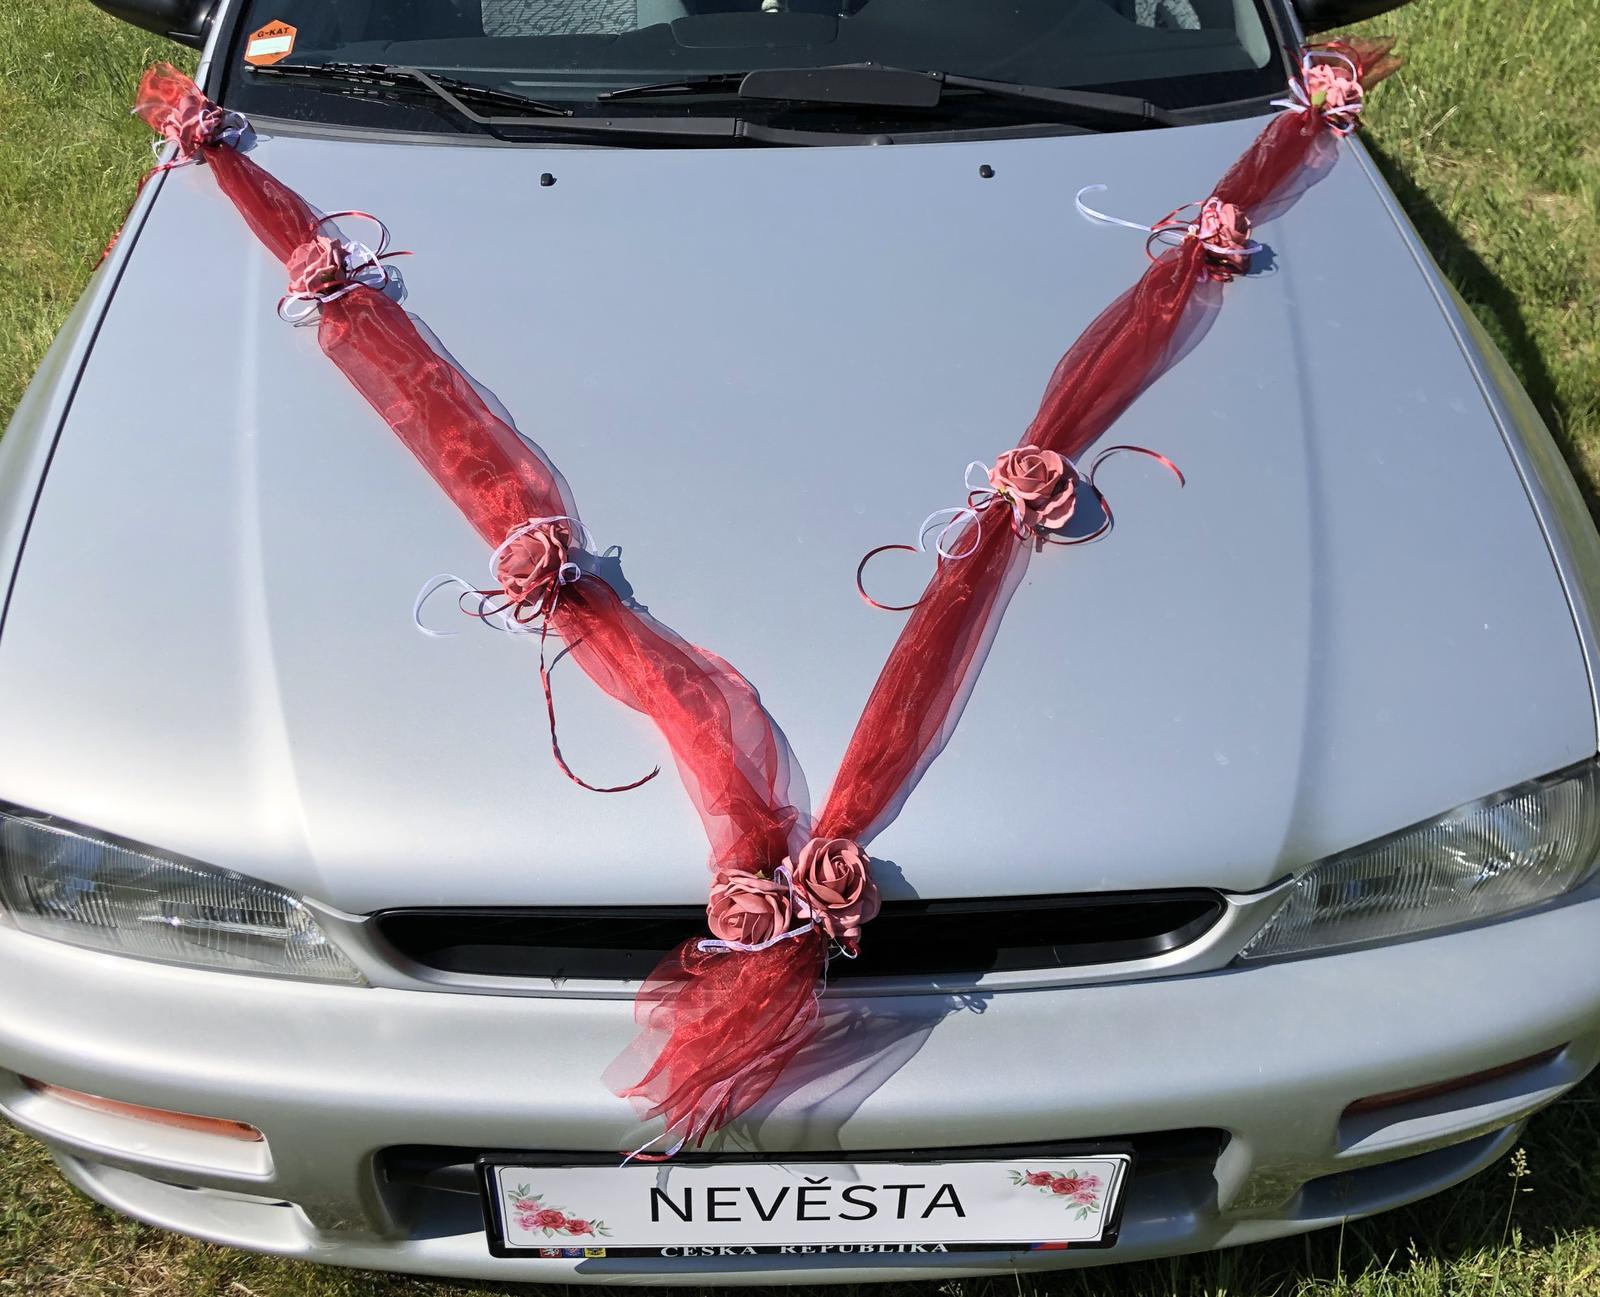 Šerpy na svatební auta - Obrázok č. 2